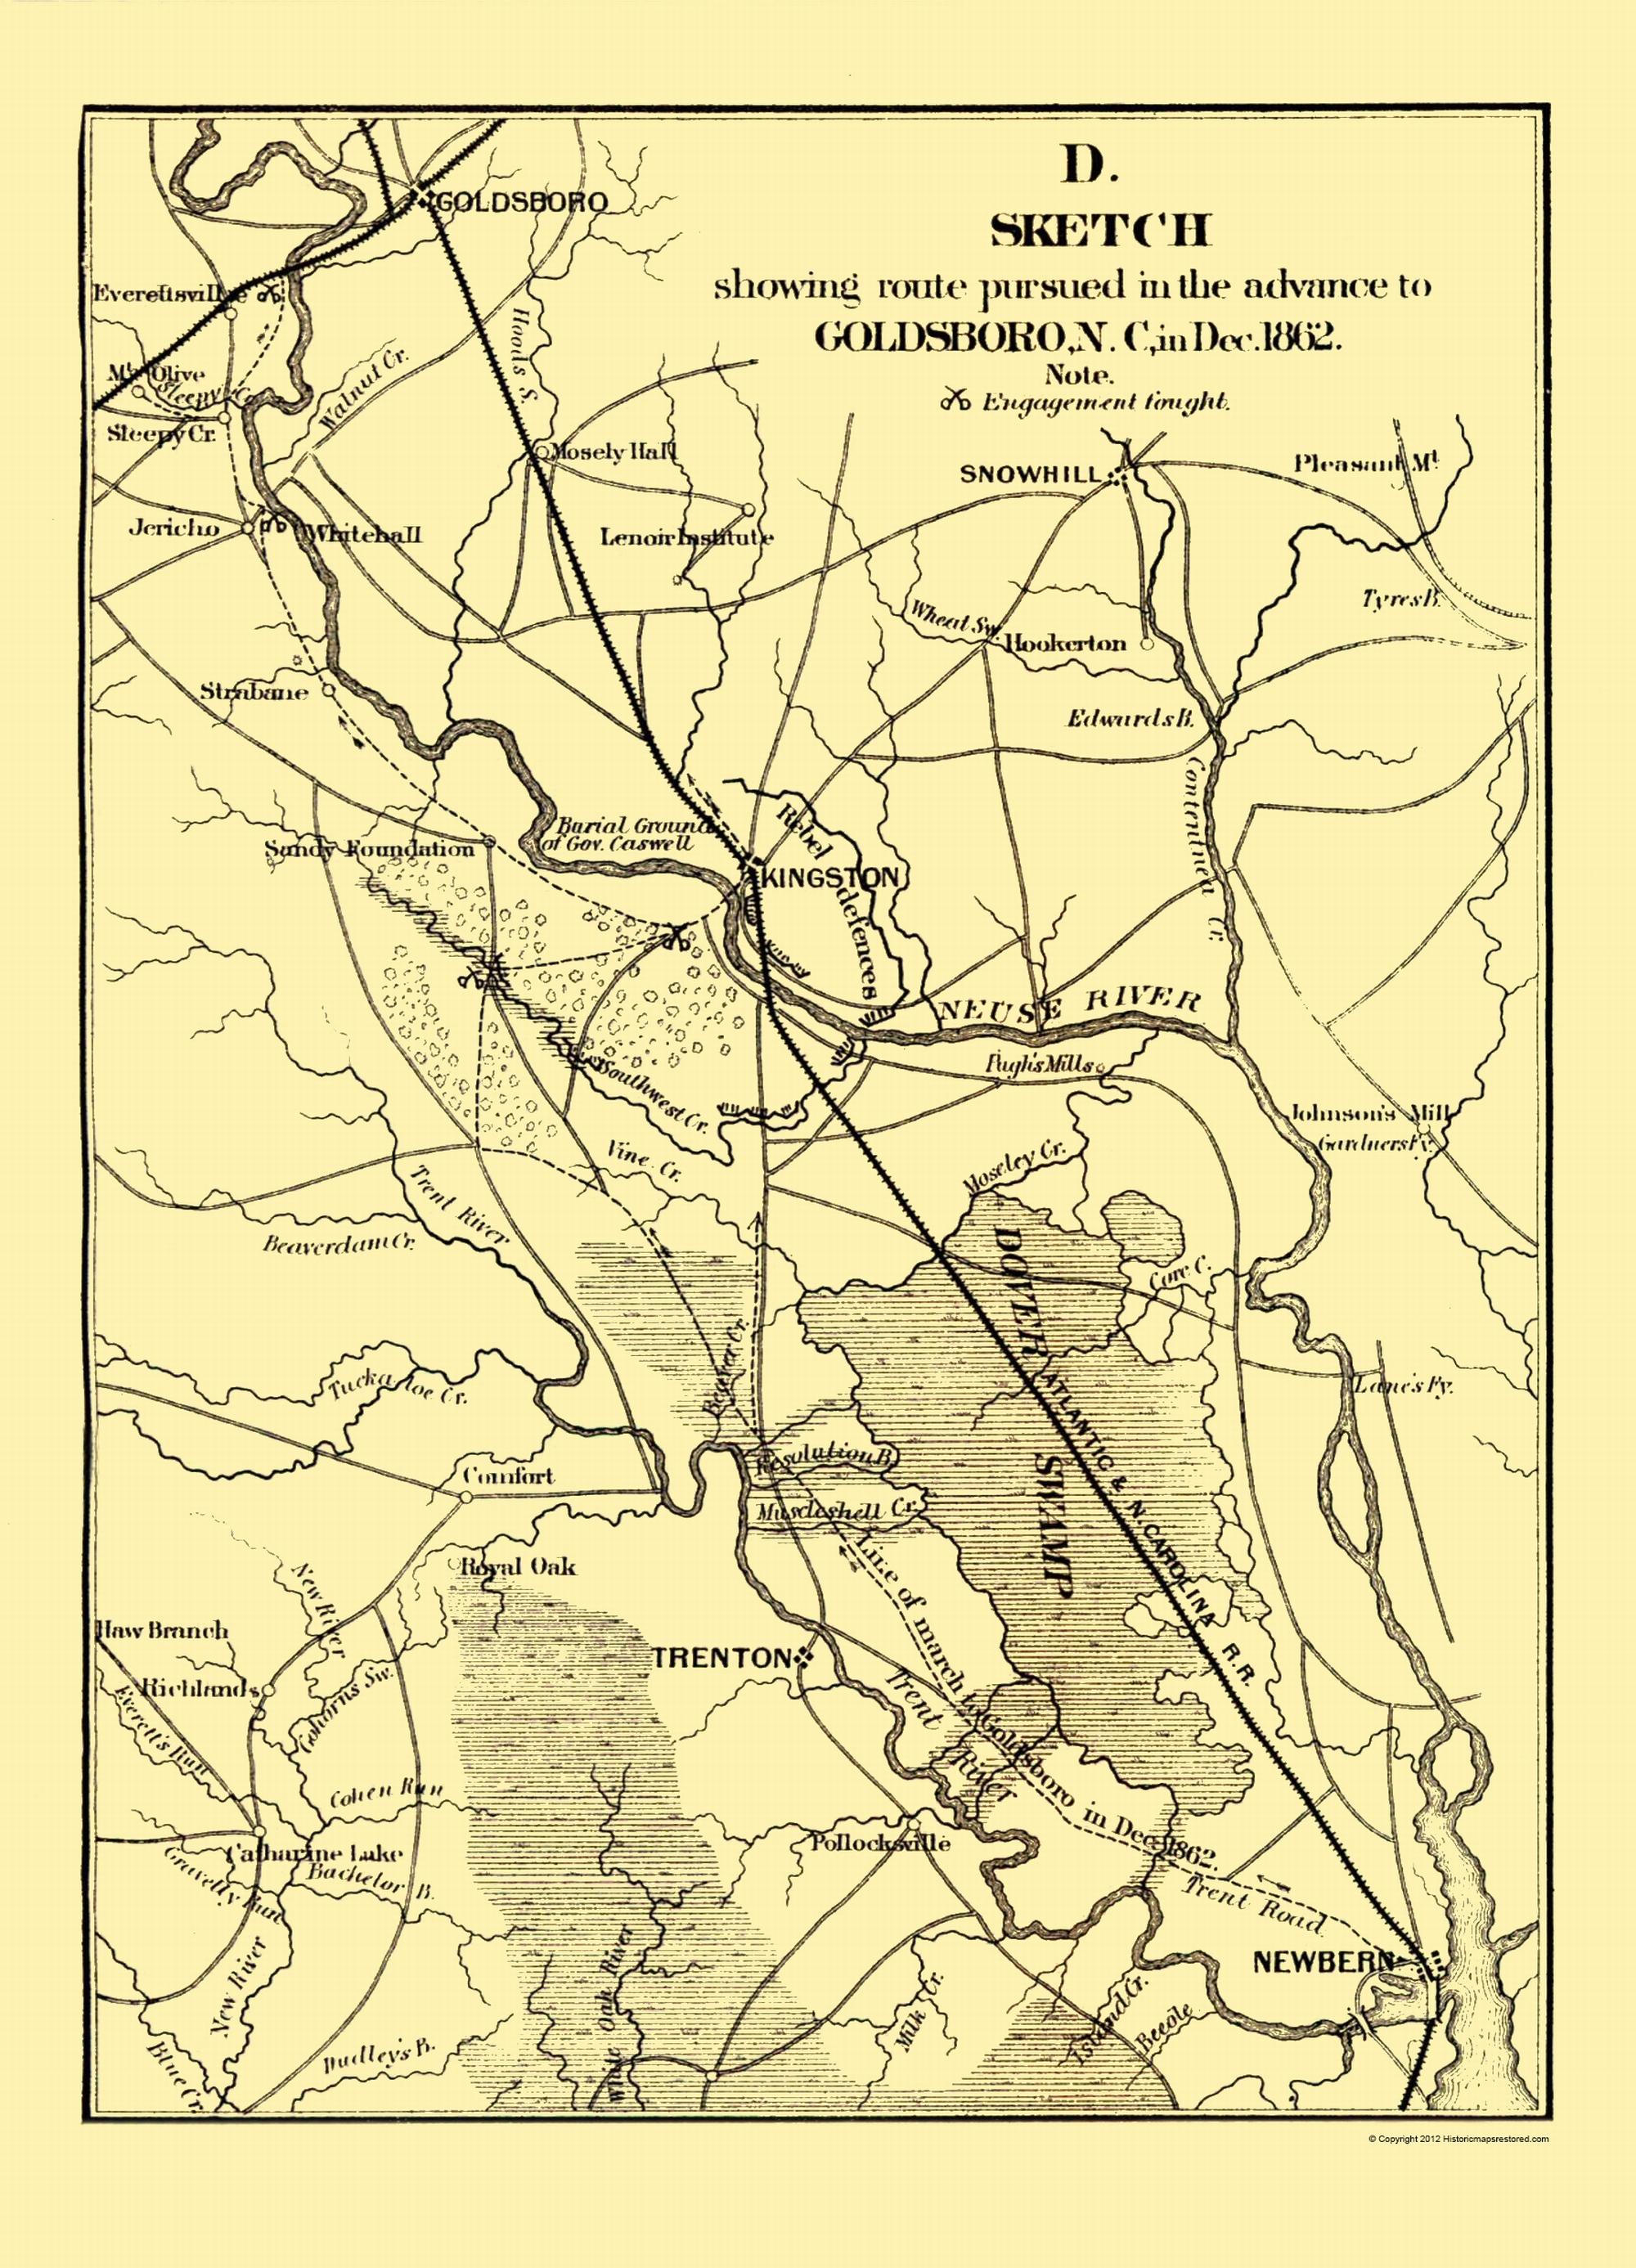 Civil War Map - Goldsboro NC Advance 1866 on